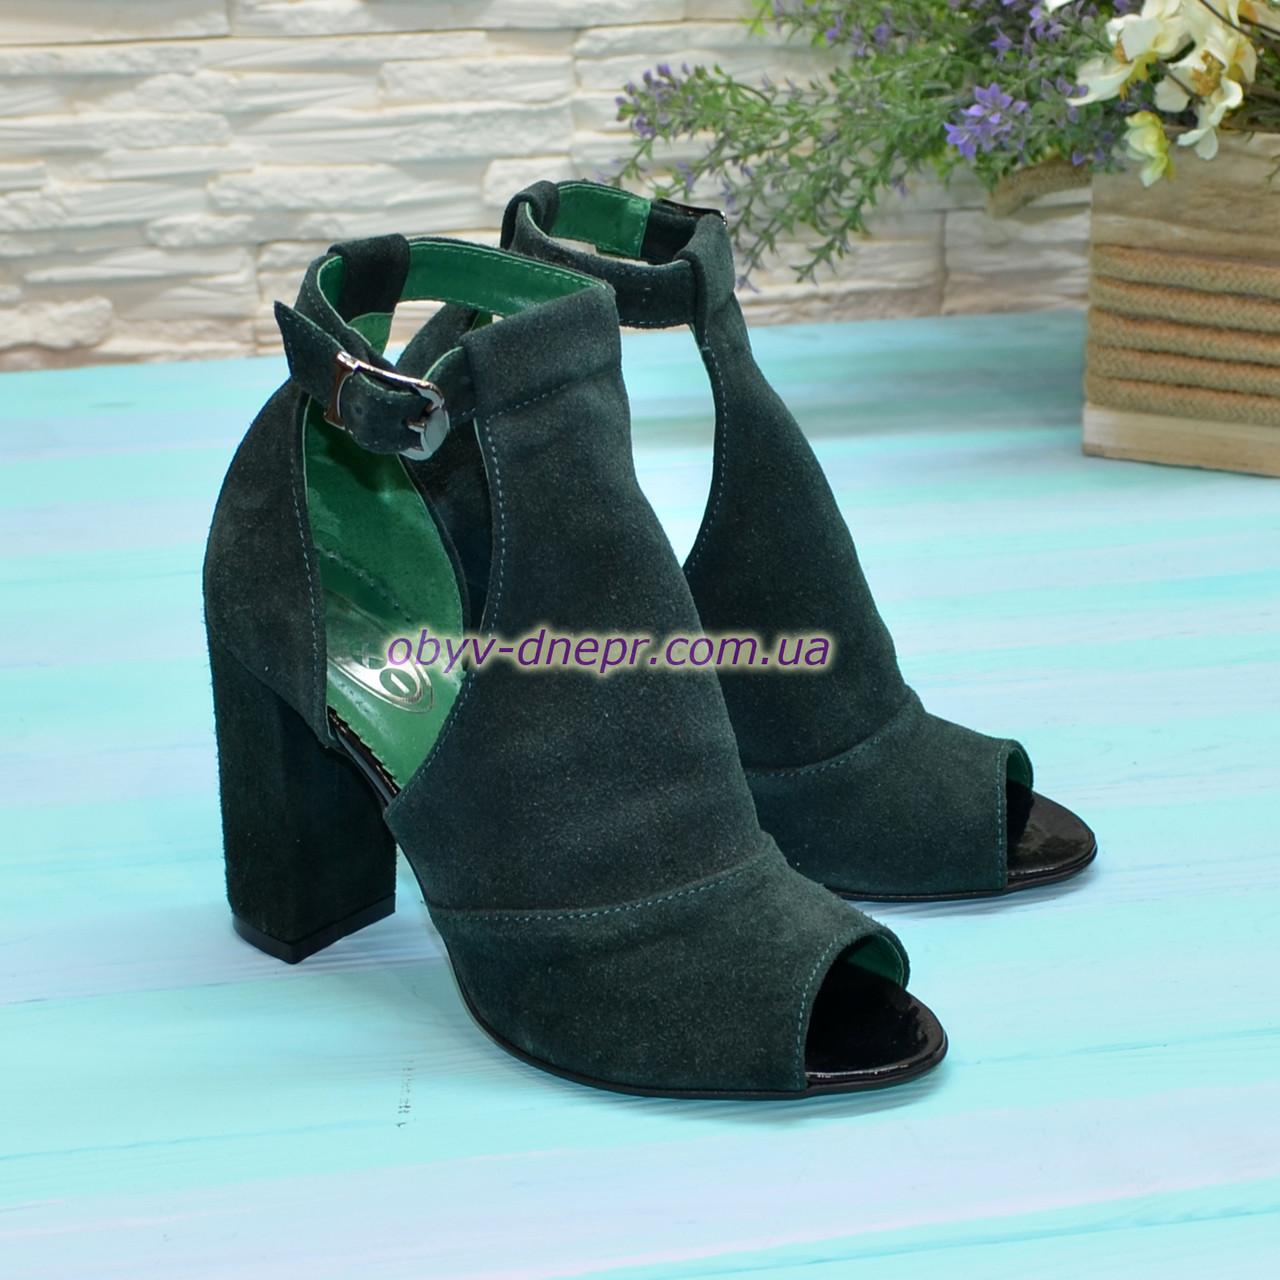 Женские замшевые босоножки на устойчивом каблуке, цвет зеленый